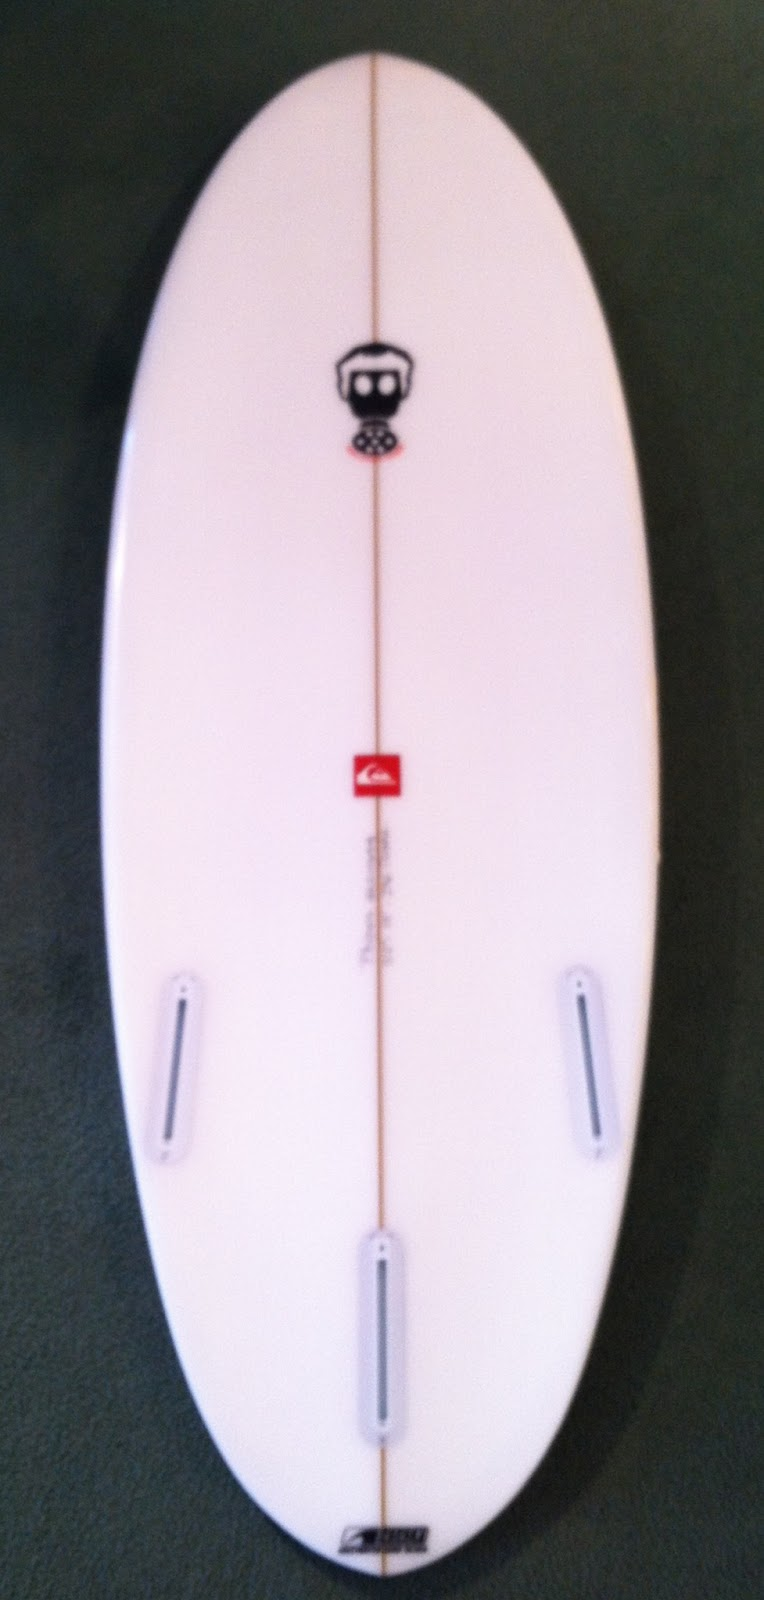 http://3.bp.blogspot.com/-IZ0ifHzr370/T6glAZkGqOI/AAAAAAAAAUI/wowjgsDZz7Y/s1600/photo_3%2818%29.JPG Quiksilver Surfboards